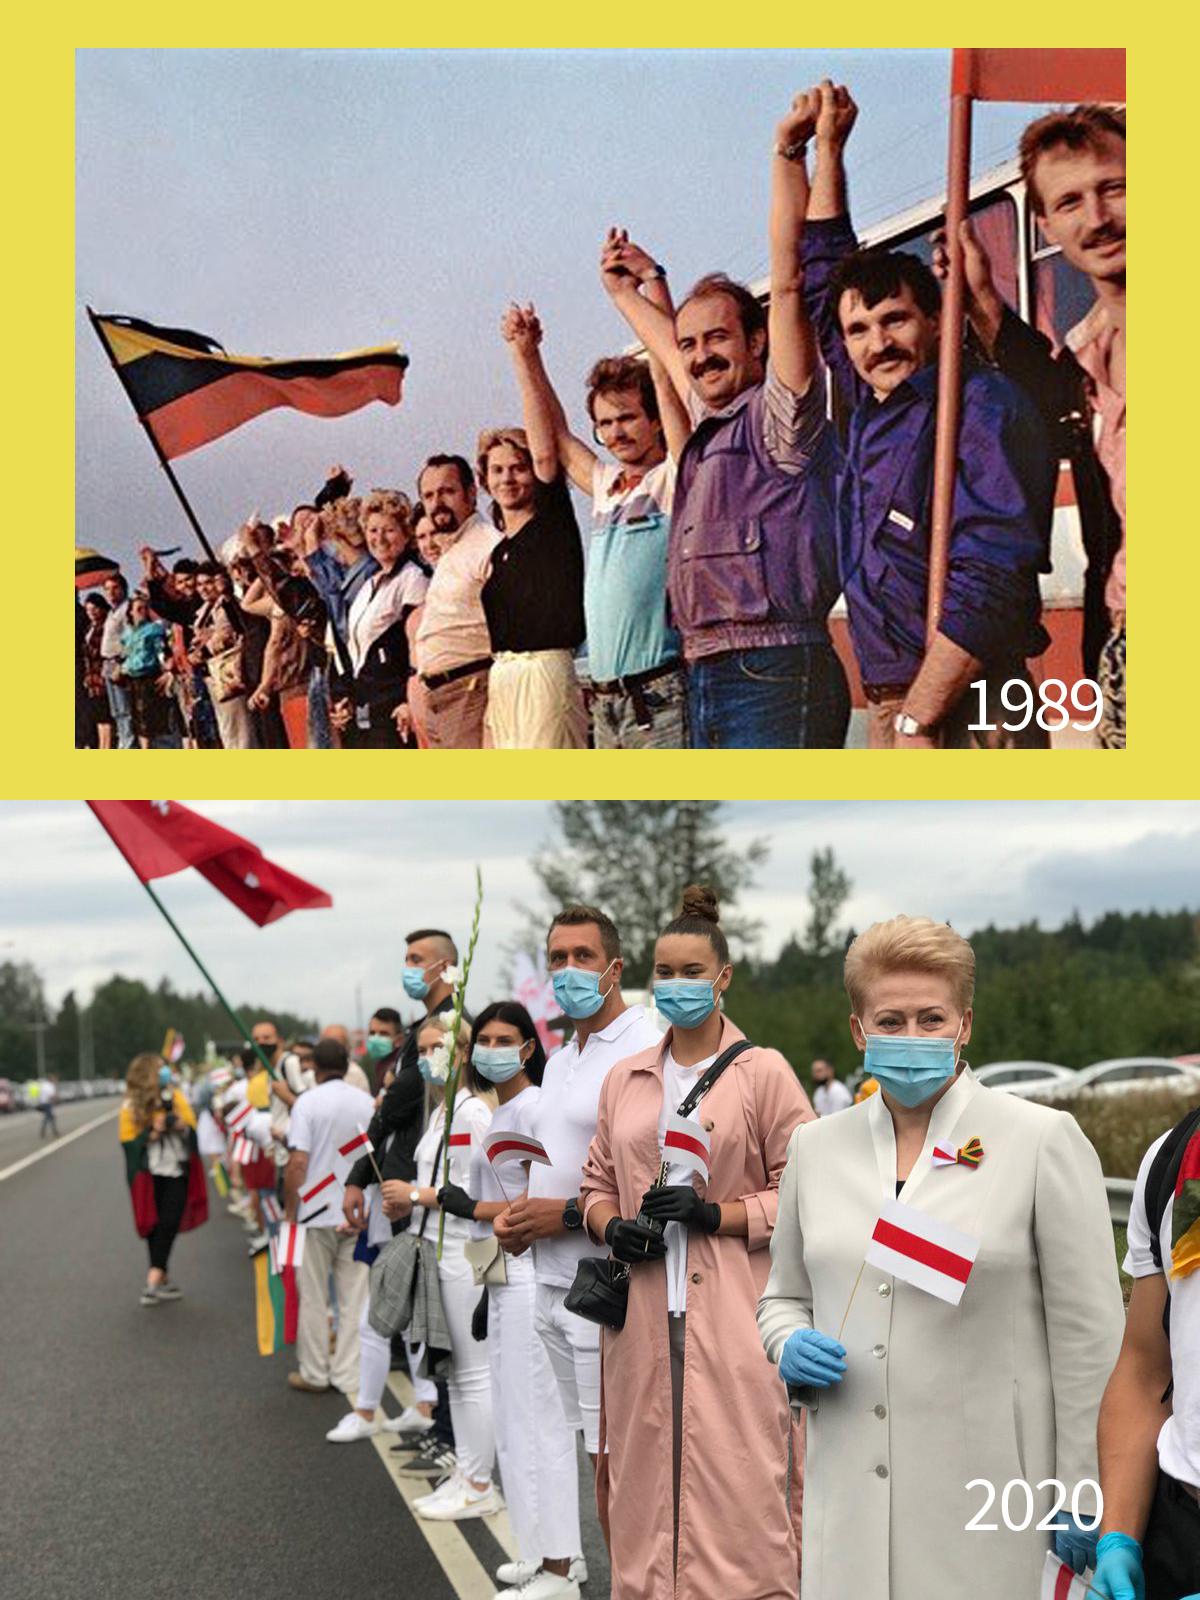 二百萬人,人鏈,波羅的海,白羅斯,爭取自由FreeBelarus, FreedomWay, ZhyveBelarus